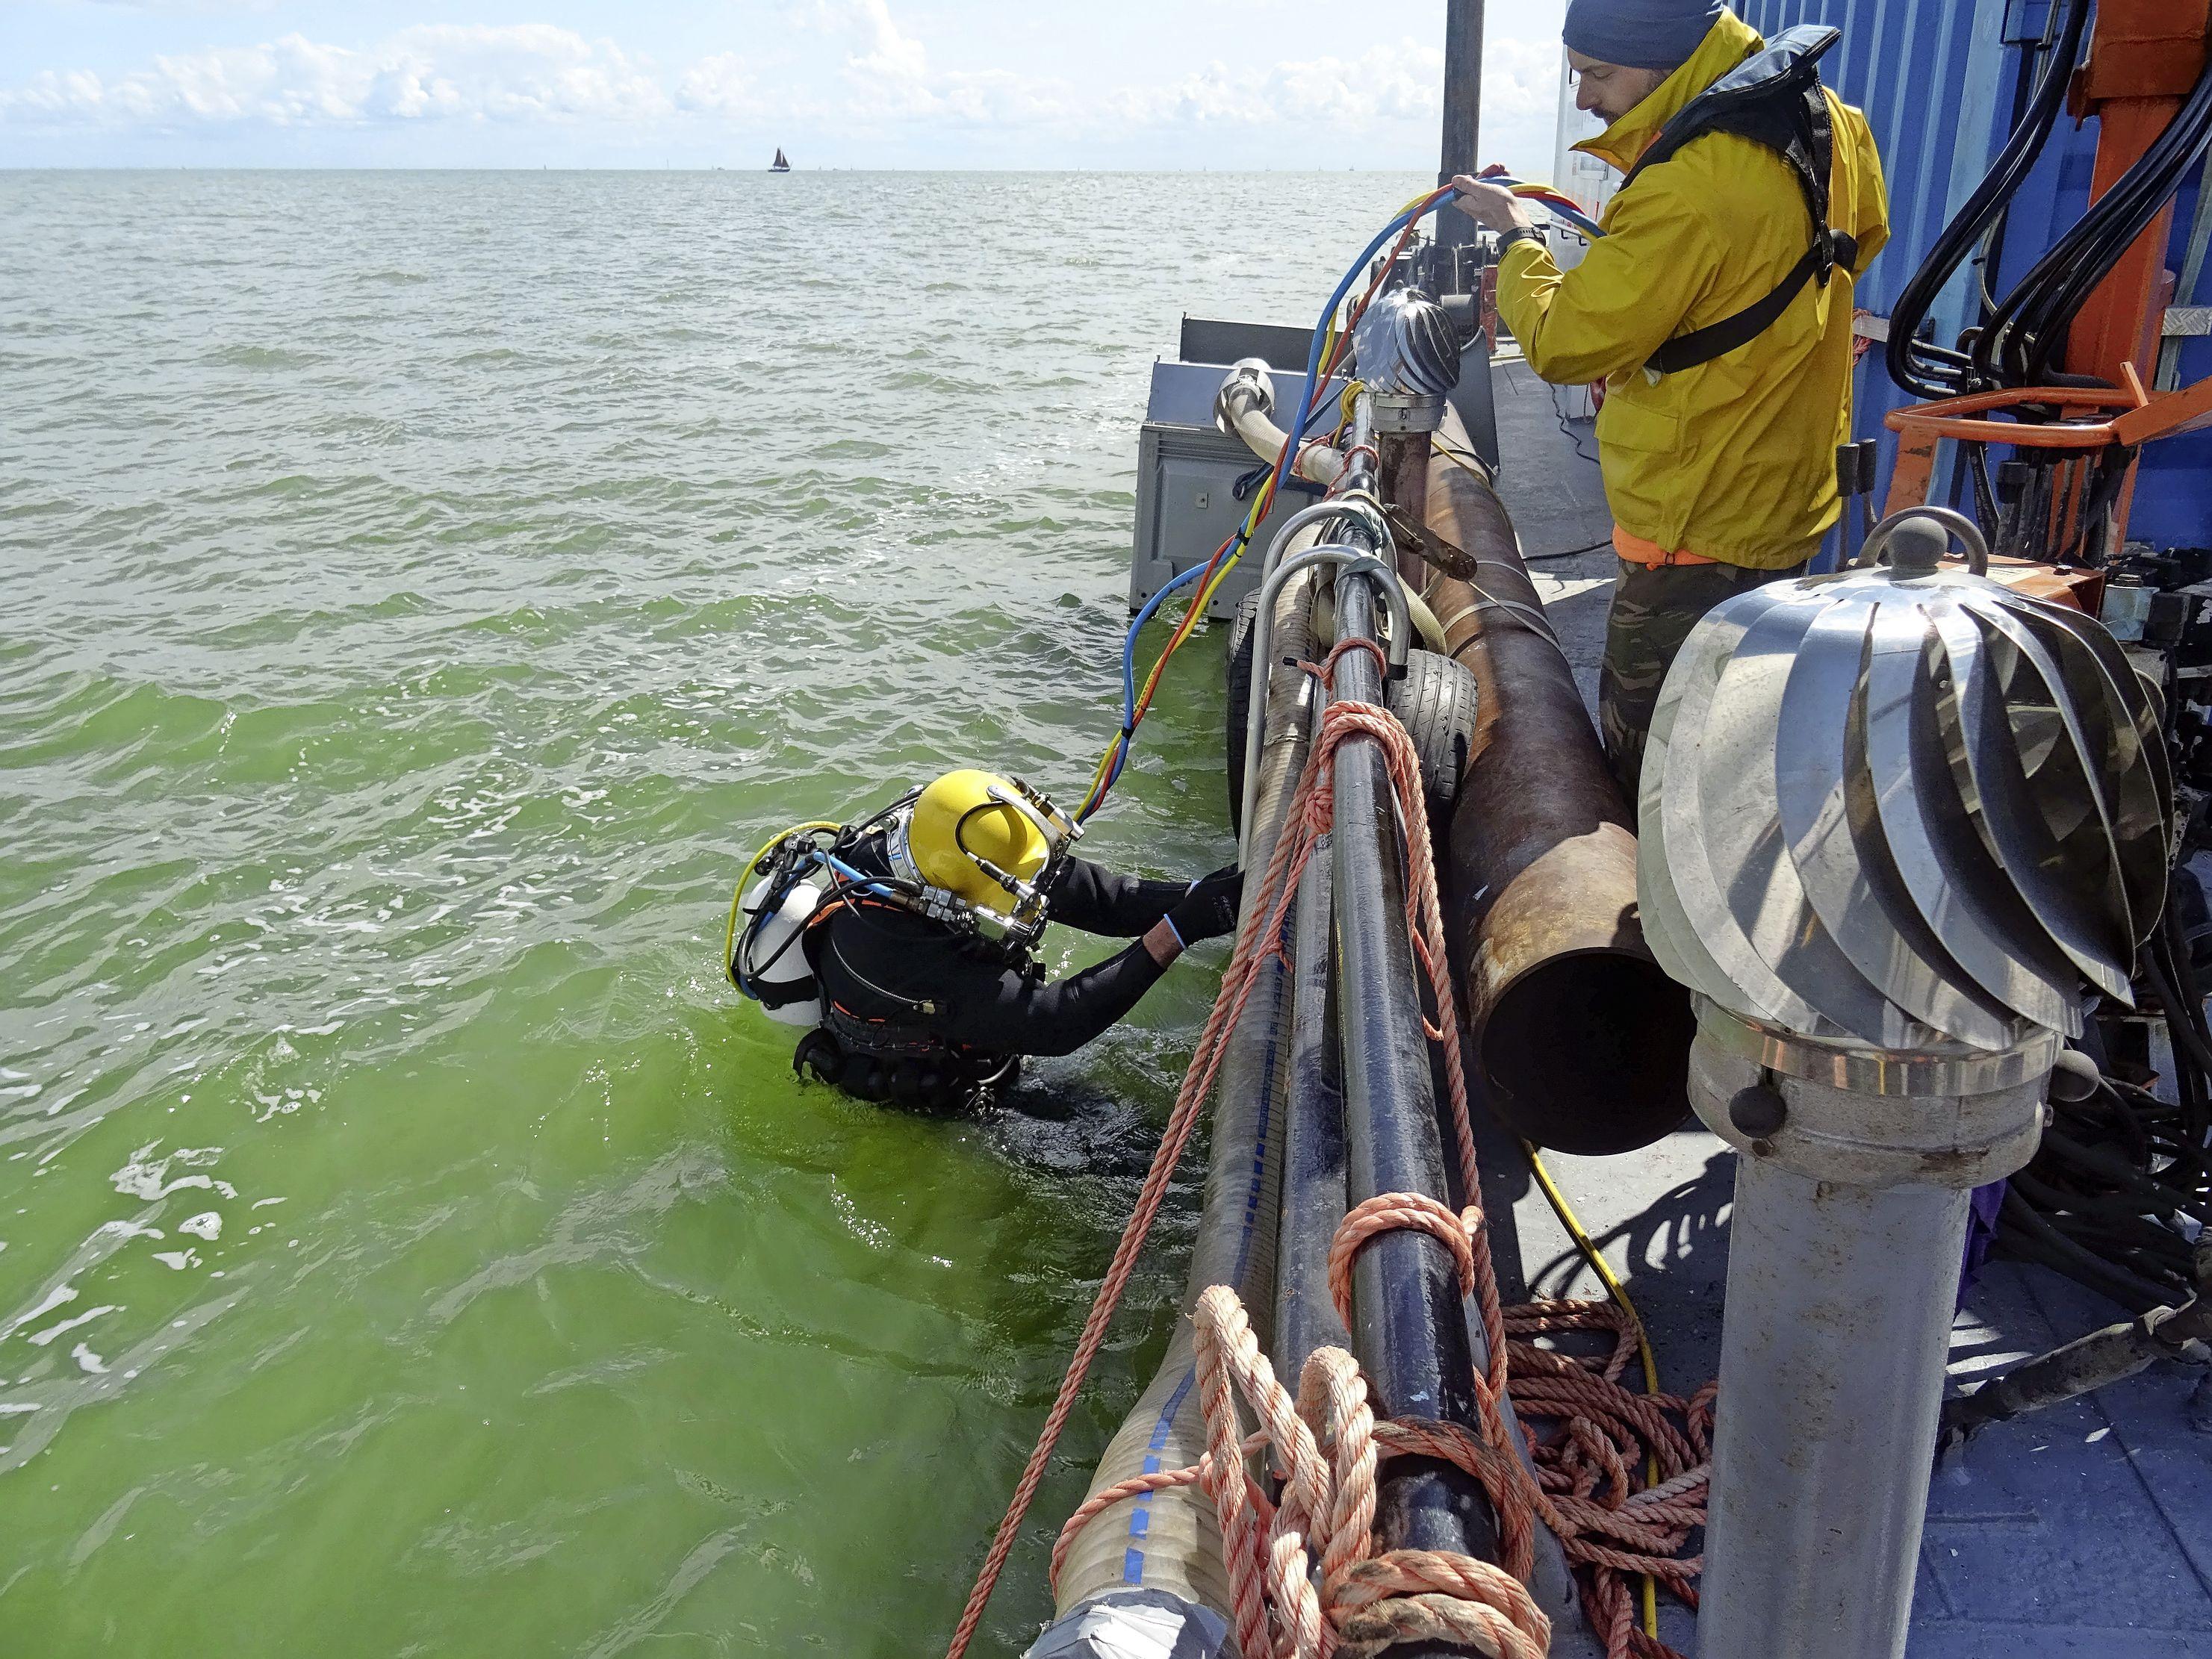 Duikteam doet in Hoornse Hop onderzoek naar scheepswrak dat mogelijk betrokken was bij de Slag om de Zuiderzee